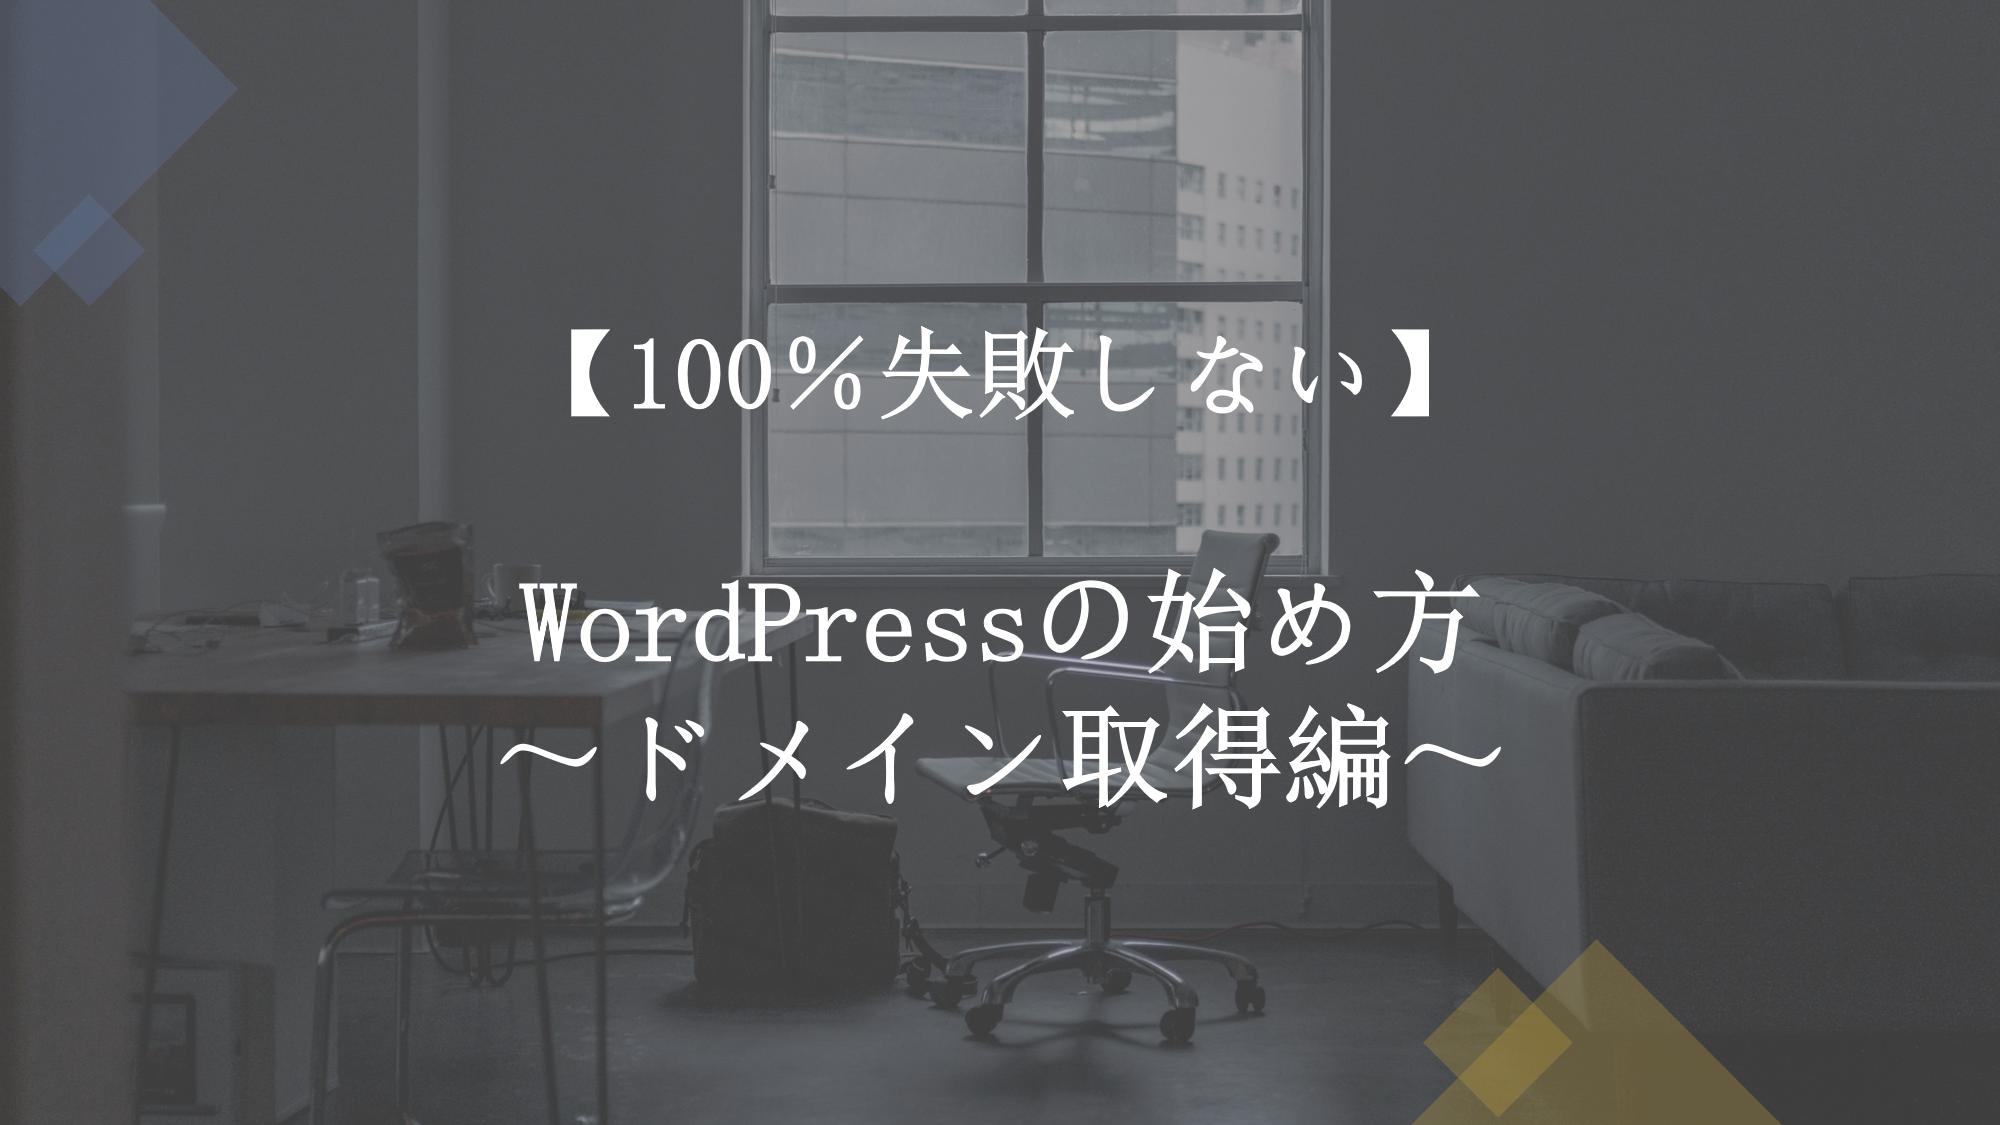 【100%失敗しない】WordPressの始め方~ドメイン取得編~